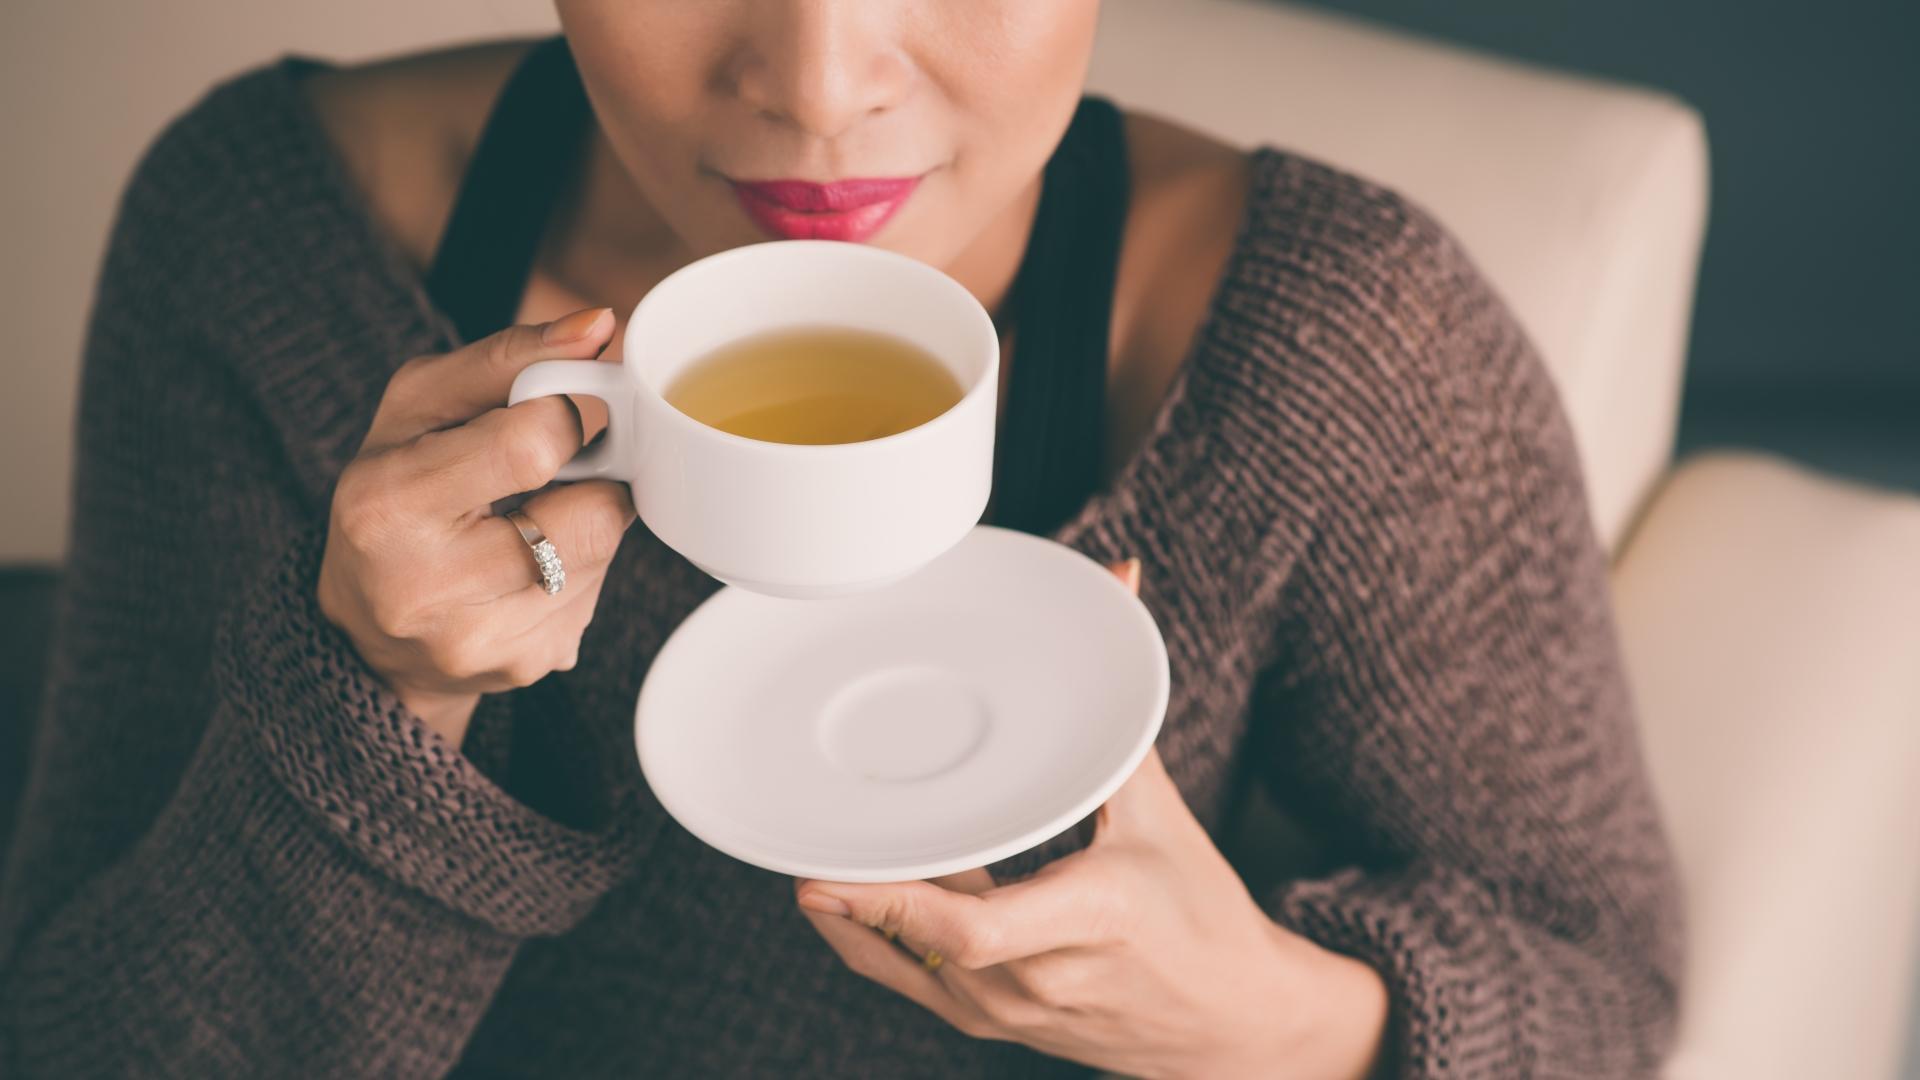 Употребление чая в пакетиках связали с риском онкологии